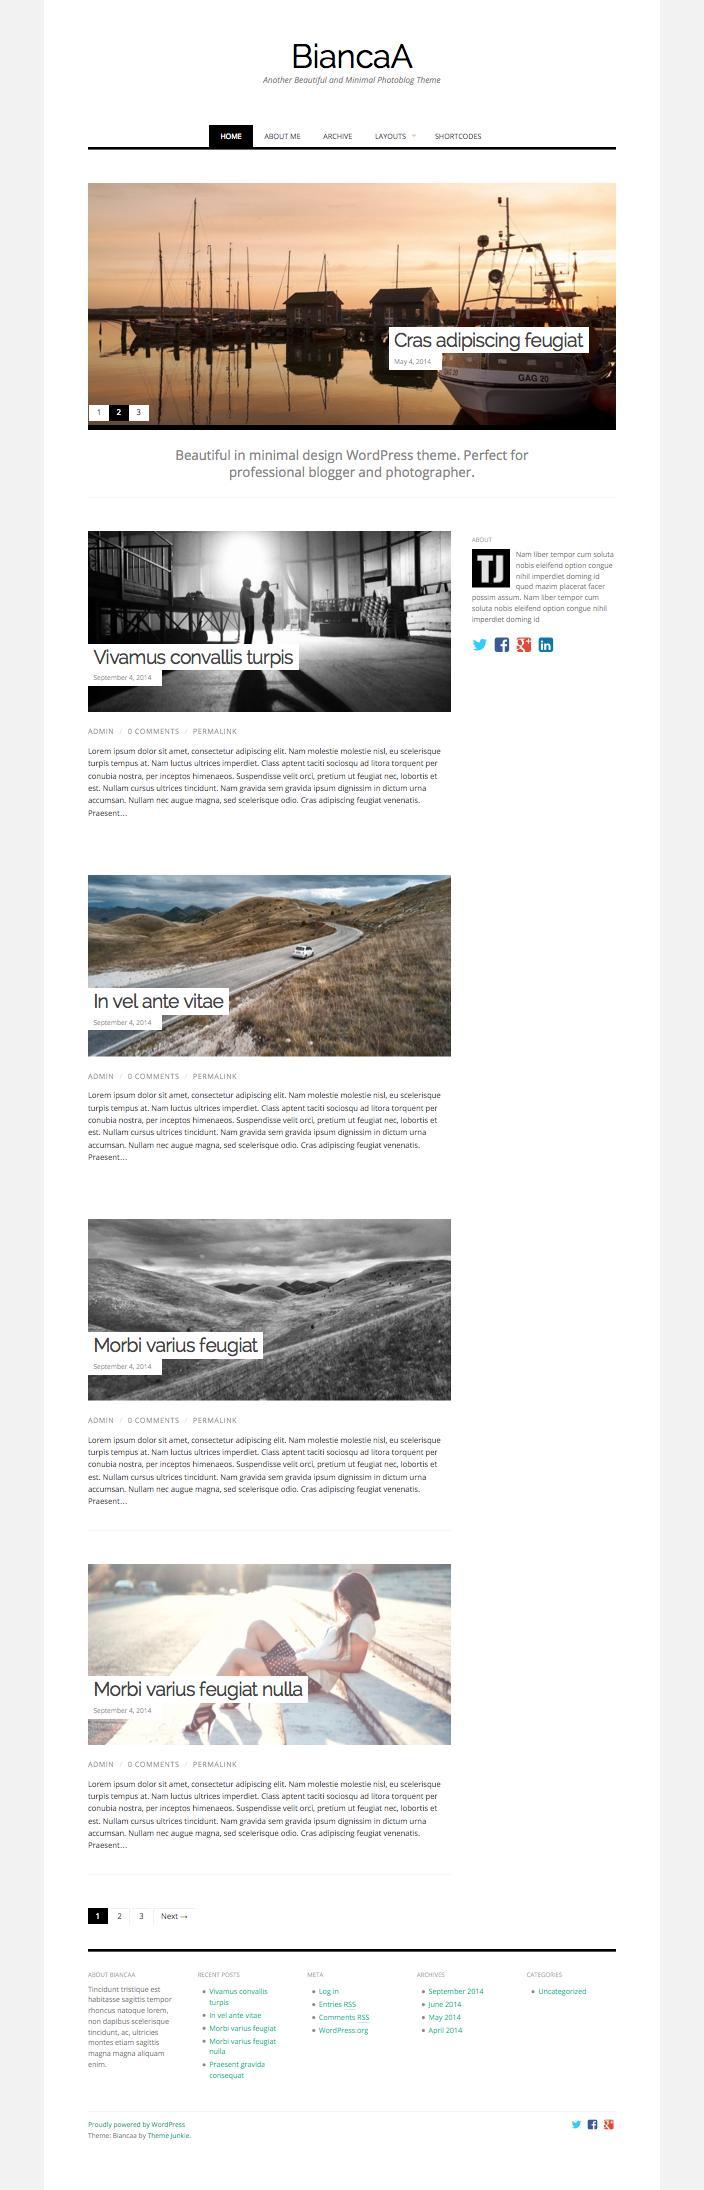 BiancaA WordPress Professional Photography Theme